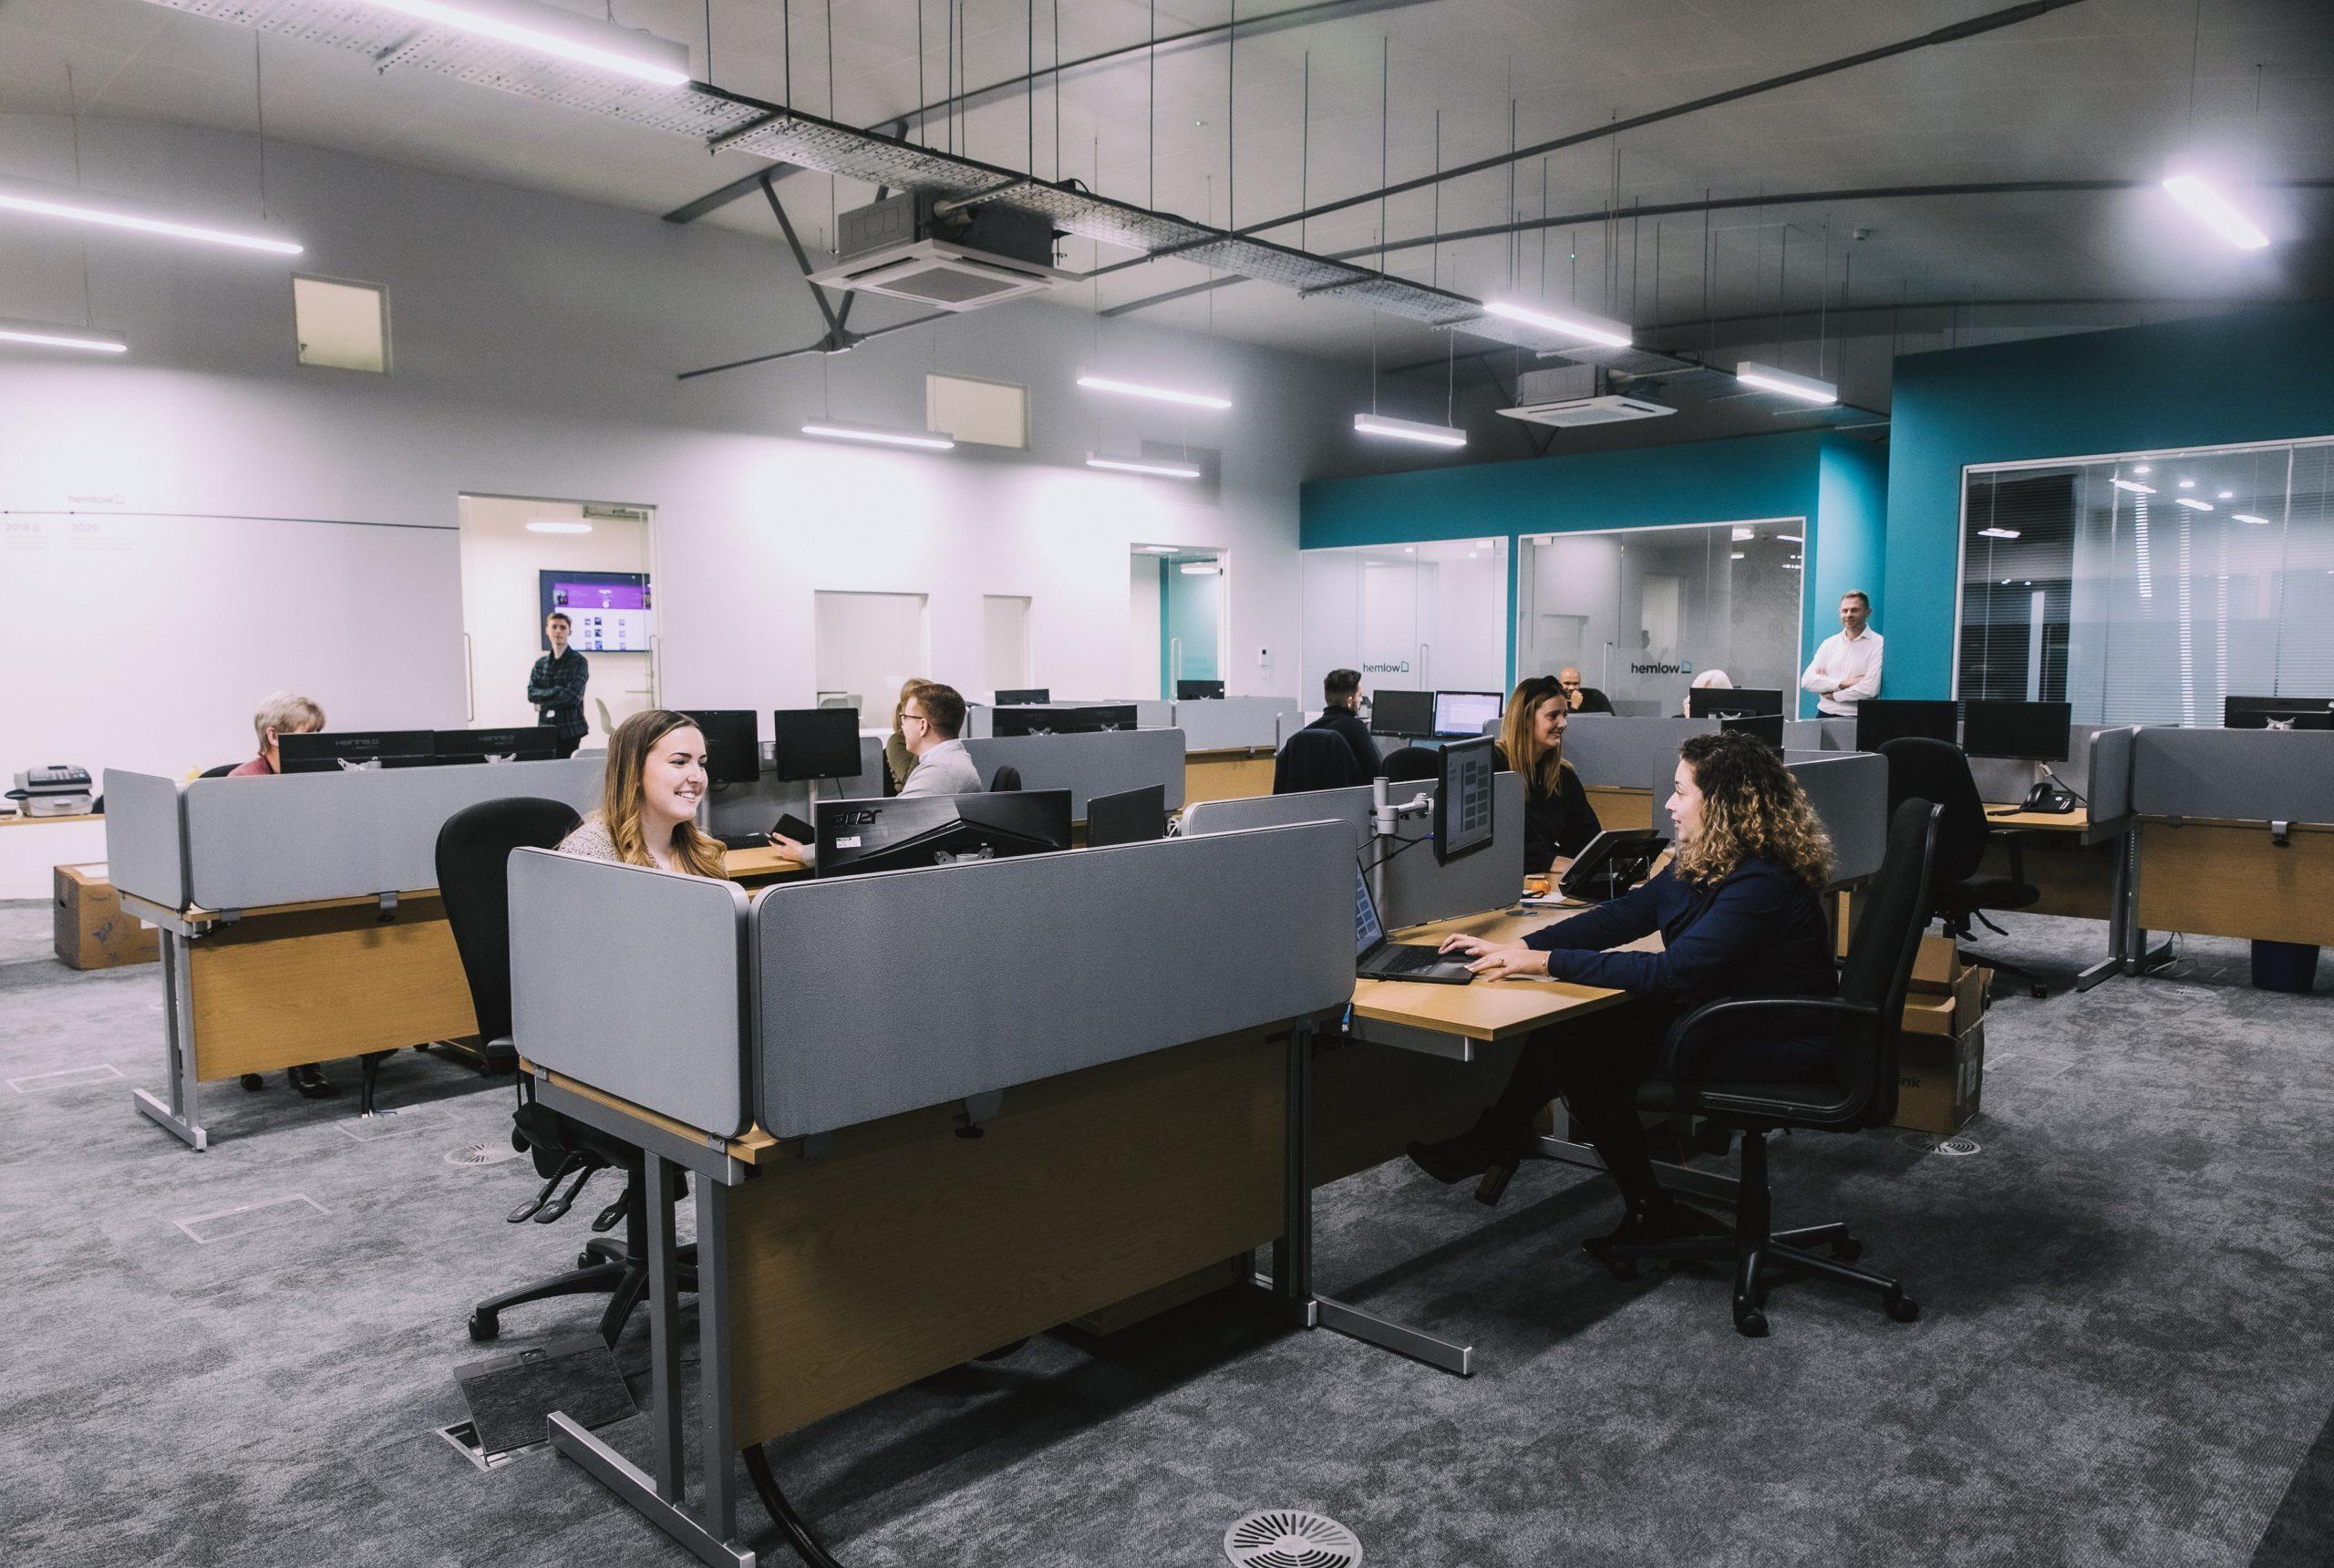 Hemlow open plan office